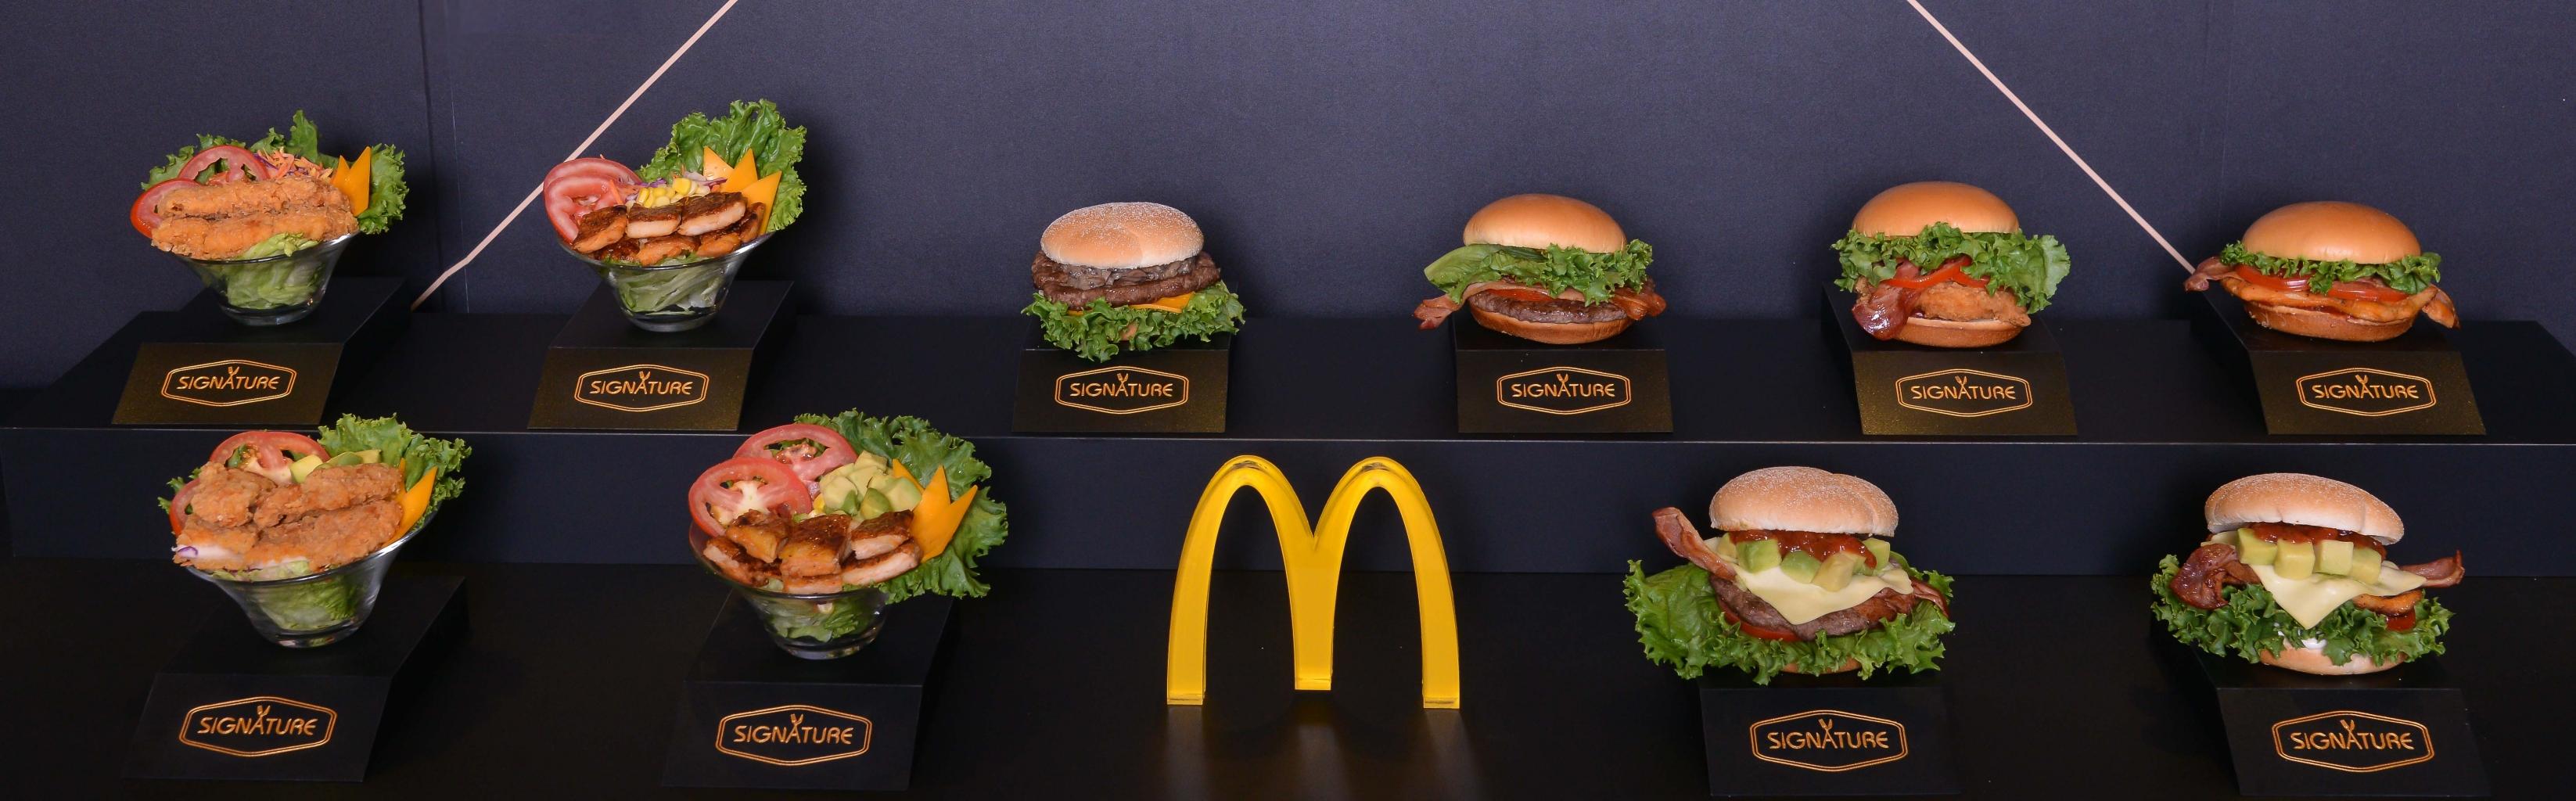 麥當勞自2018年長期供應「signature極選系列」